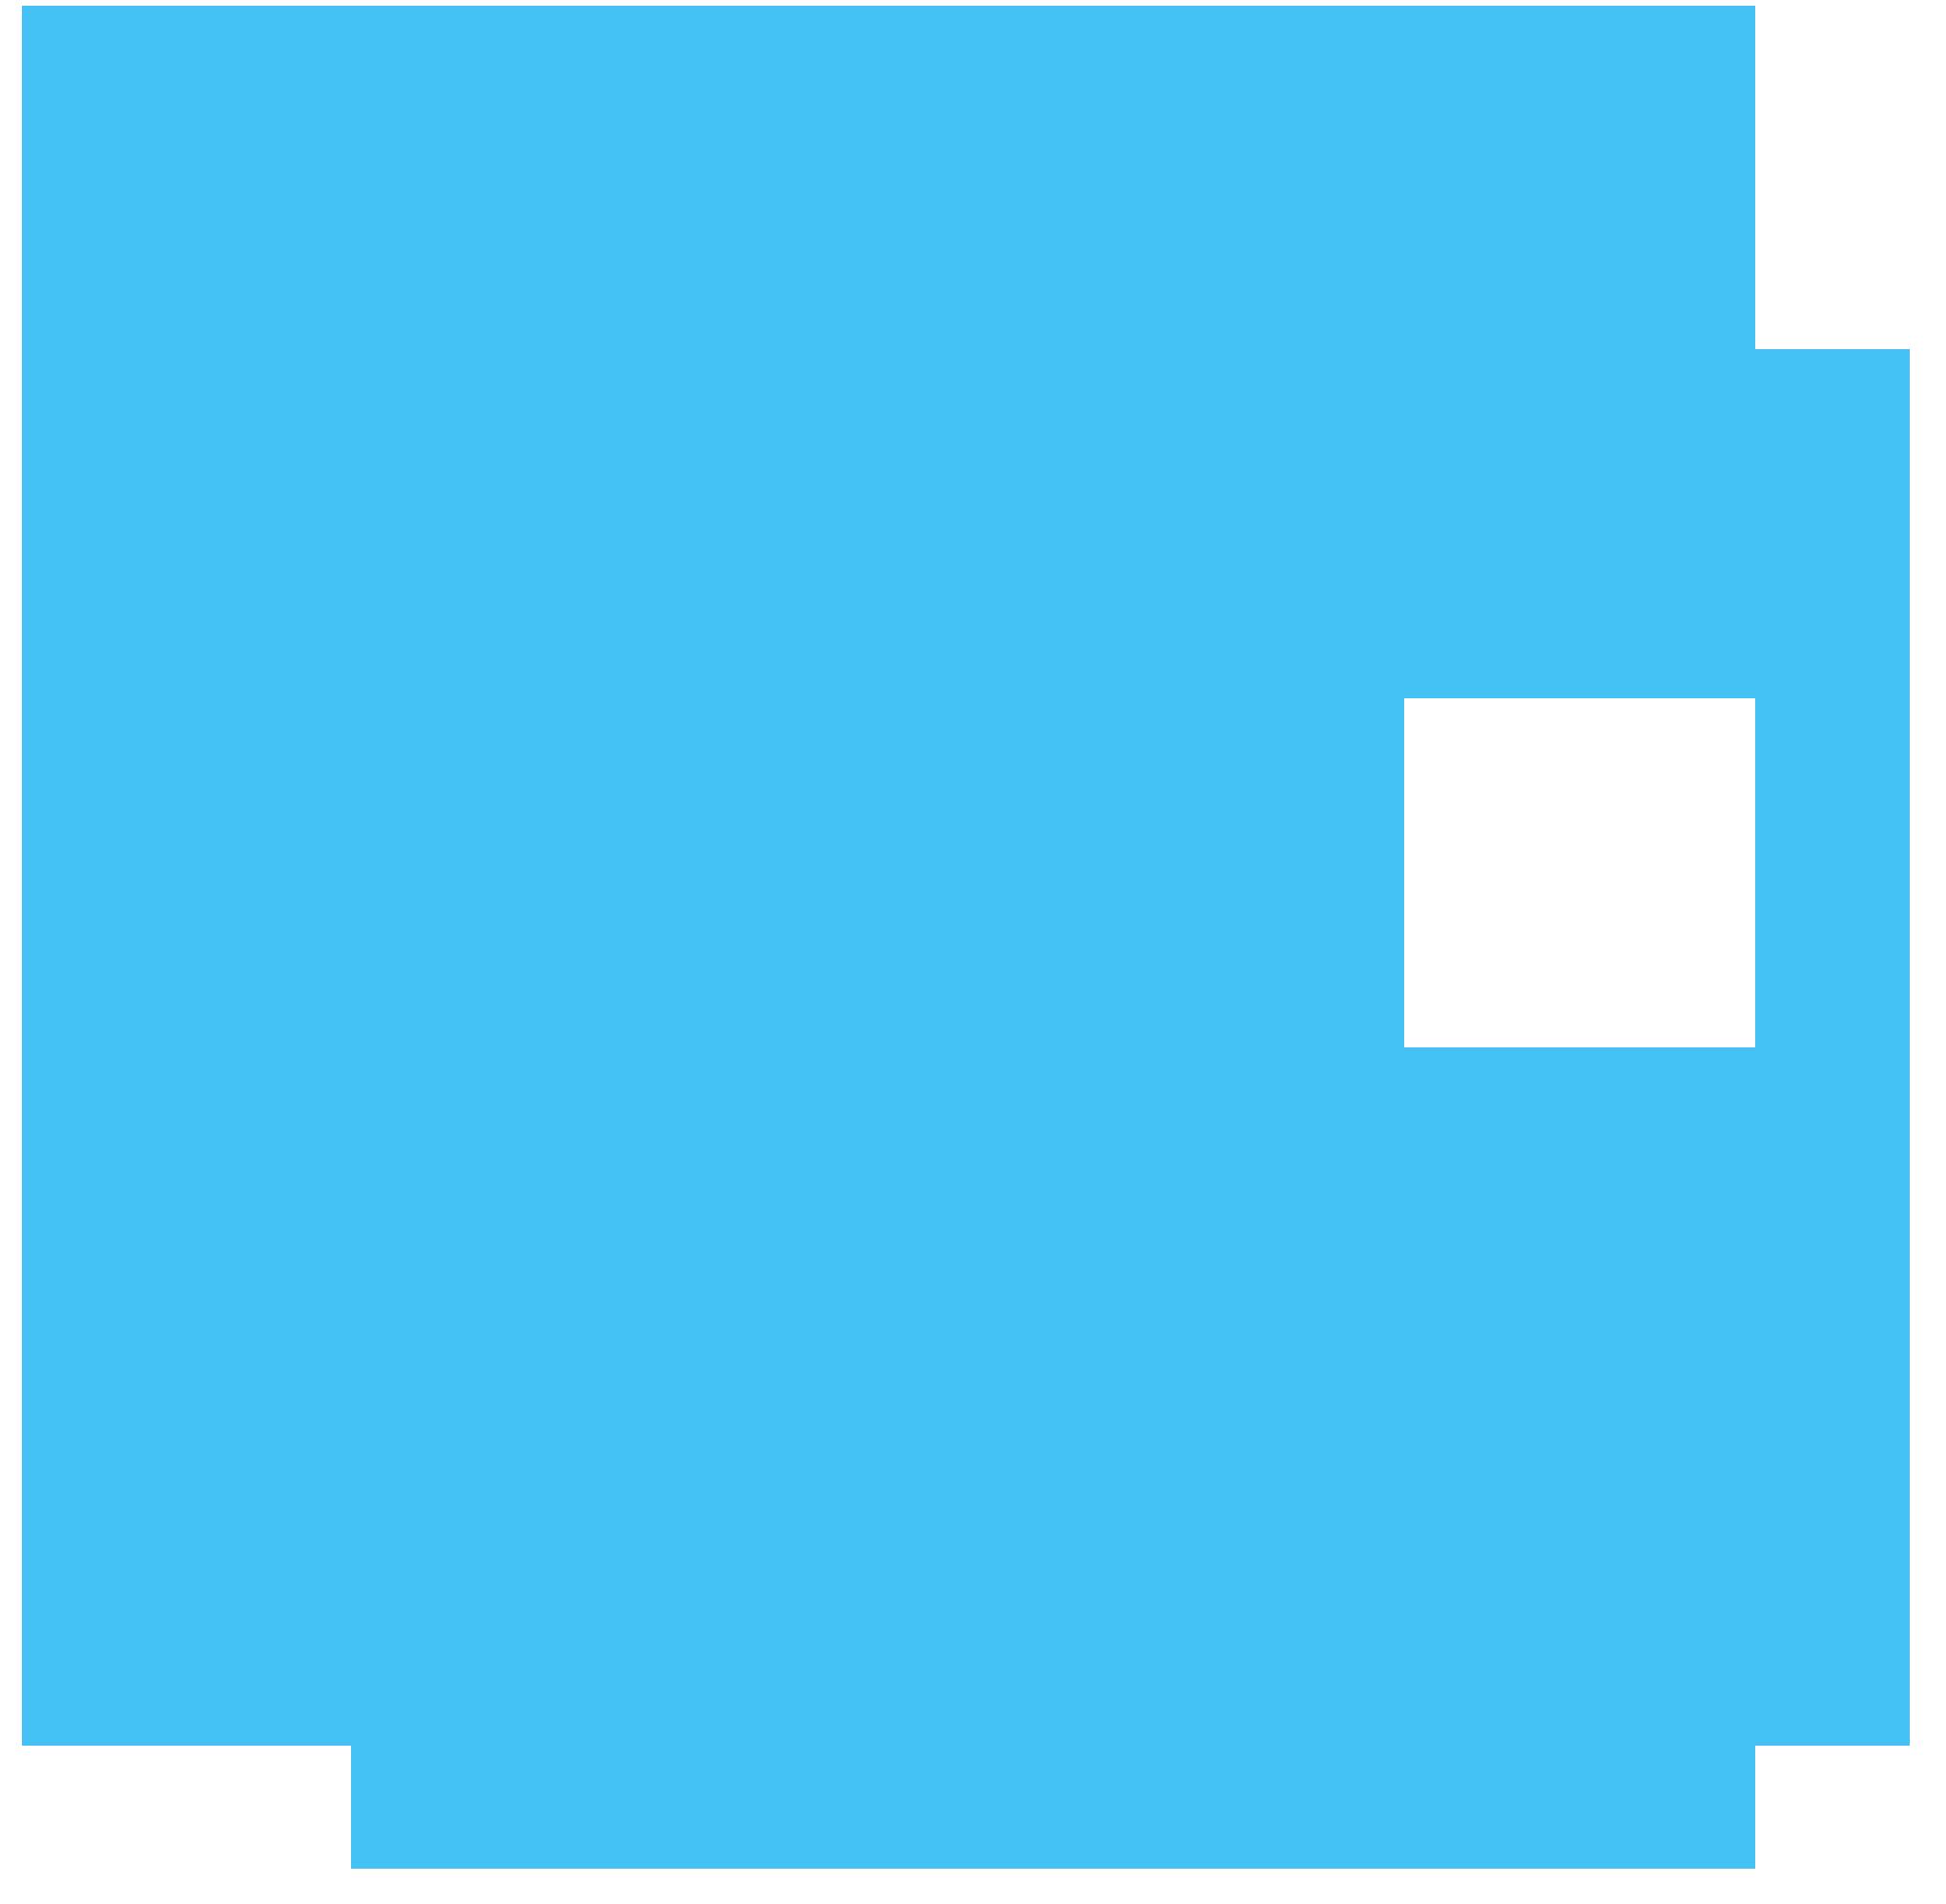 Image riverdale symbolg riverdale wiki fandom powered by wikia riverdale symbolg buycottarizona Choice Image